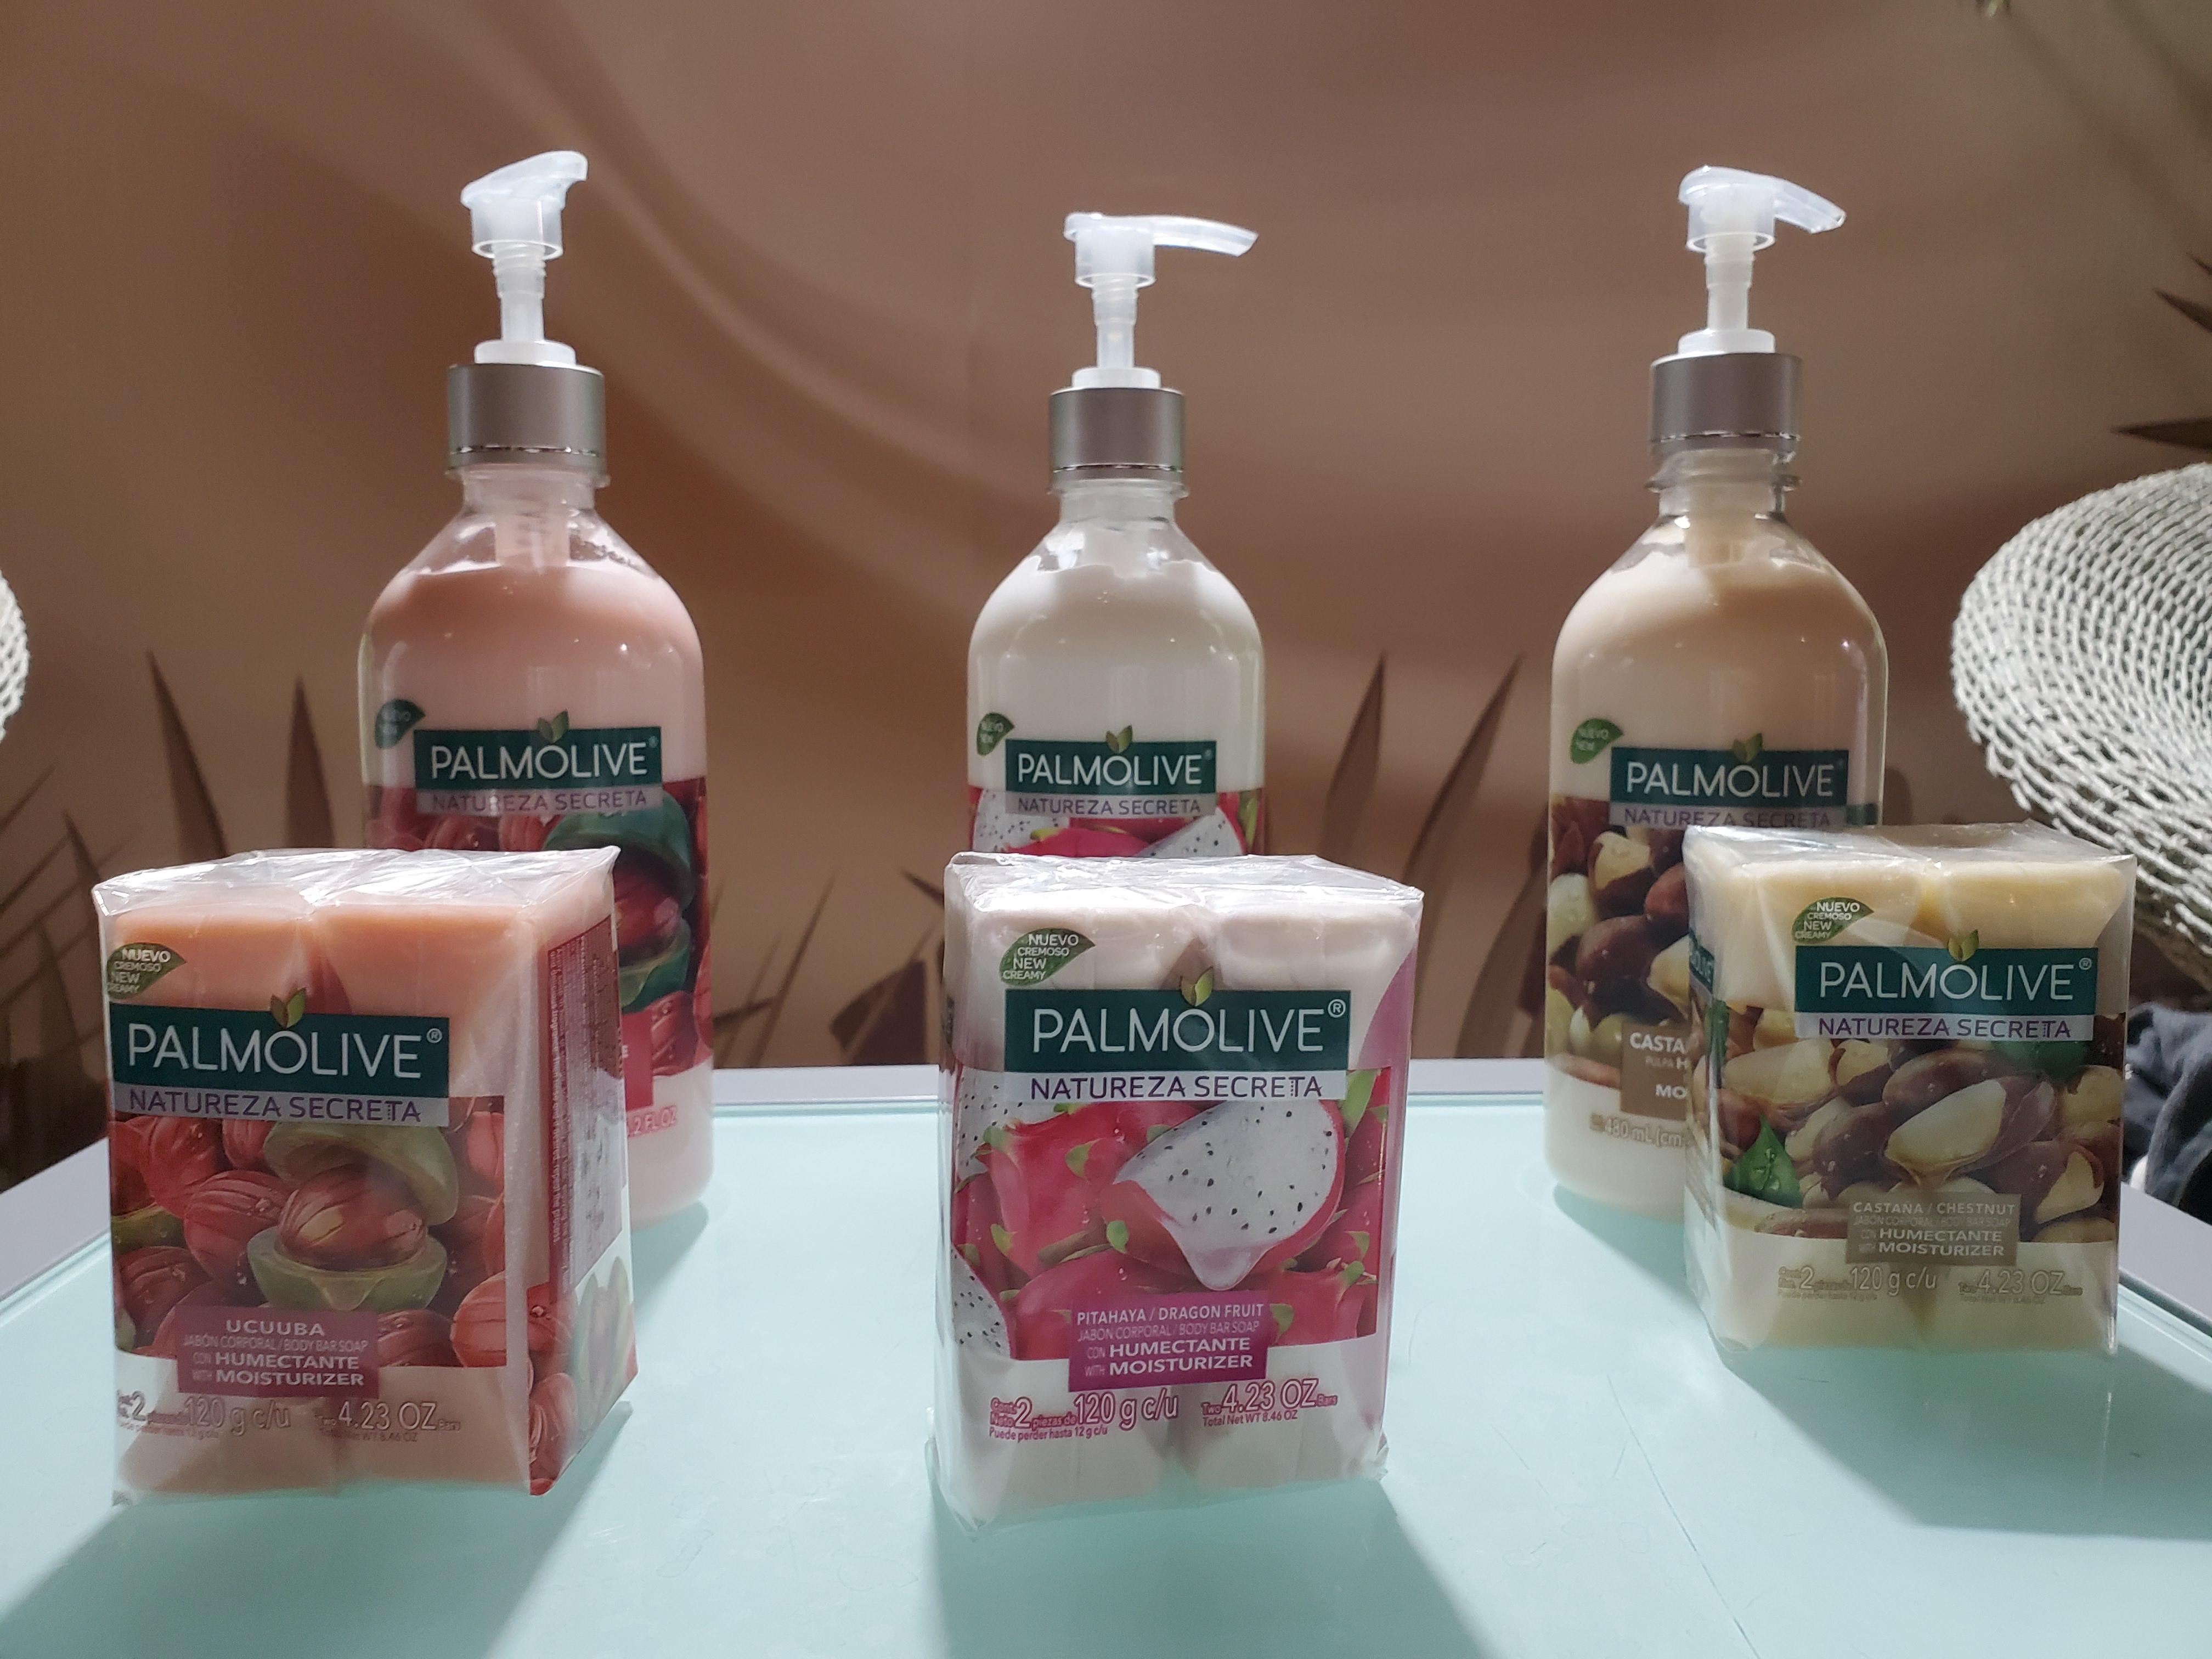 Buscando ampliar su oferta en la categoría de jabones, Palmolive presenta la línea Natureza Secreta, que cuenta con tres dúos de jabón y crema hidratante hechos a base de pitahaya (brinda luminosidad), castaña (antioxidante) y ucuuba (repara). (Suministrada)